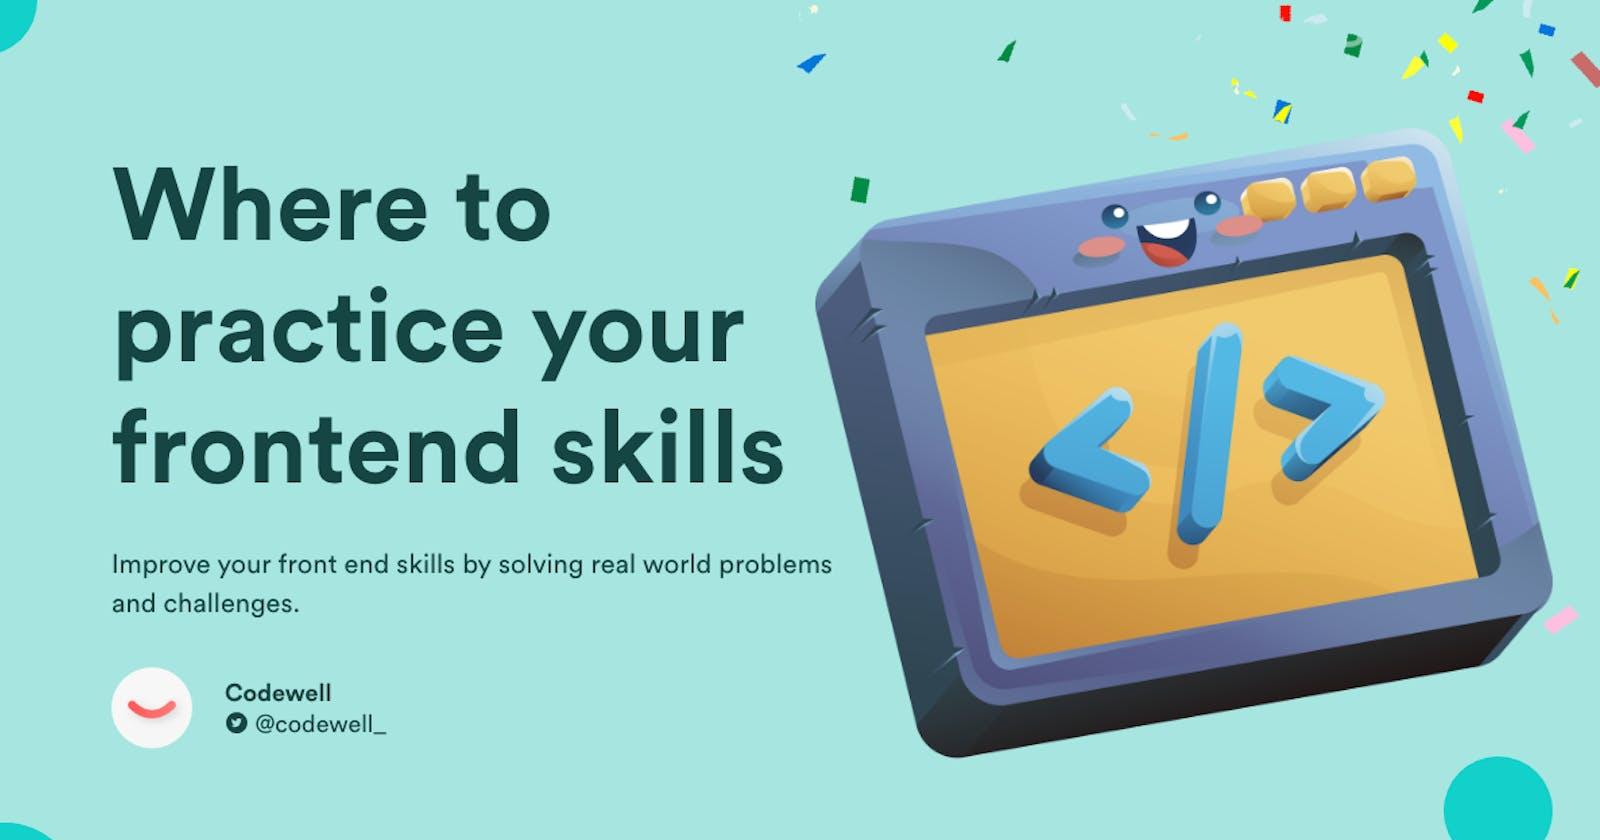 7 Websites to Practice Your Frontend Development Skills